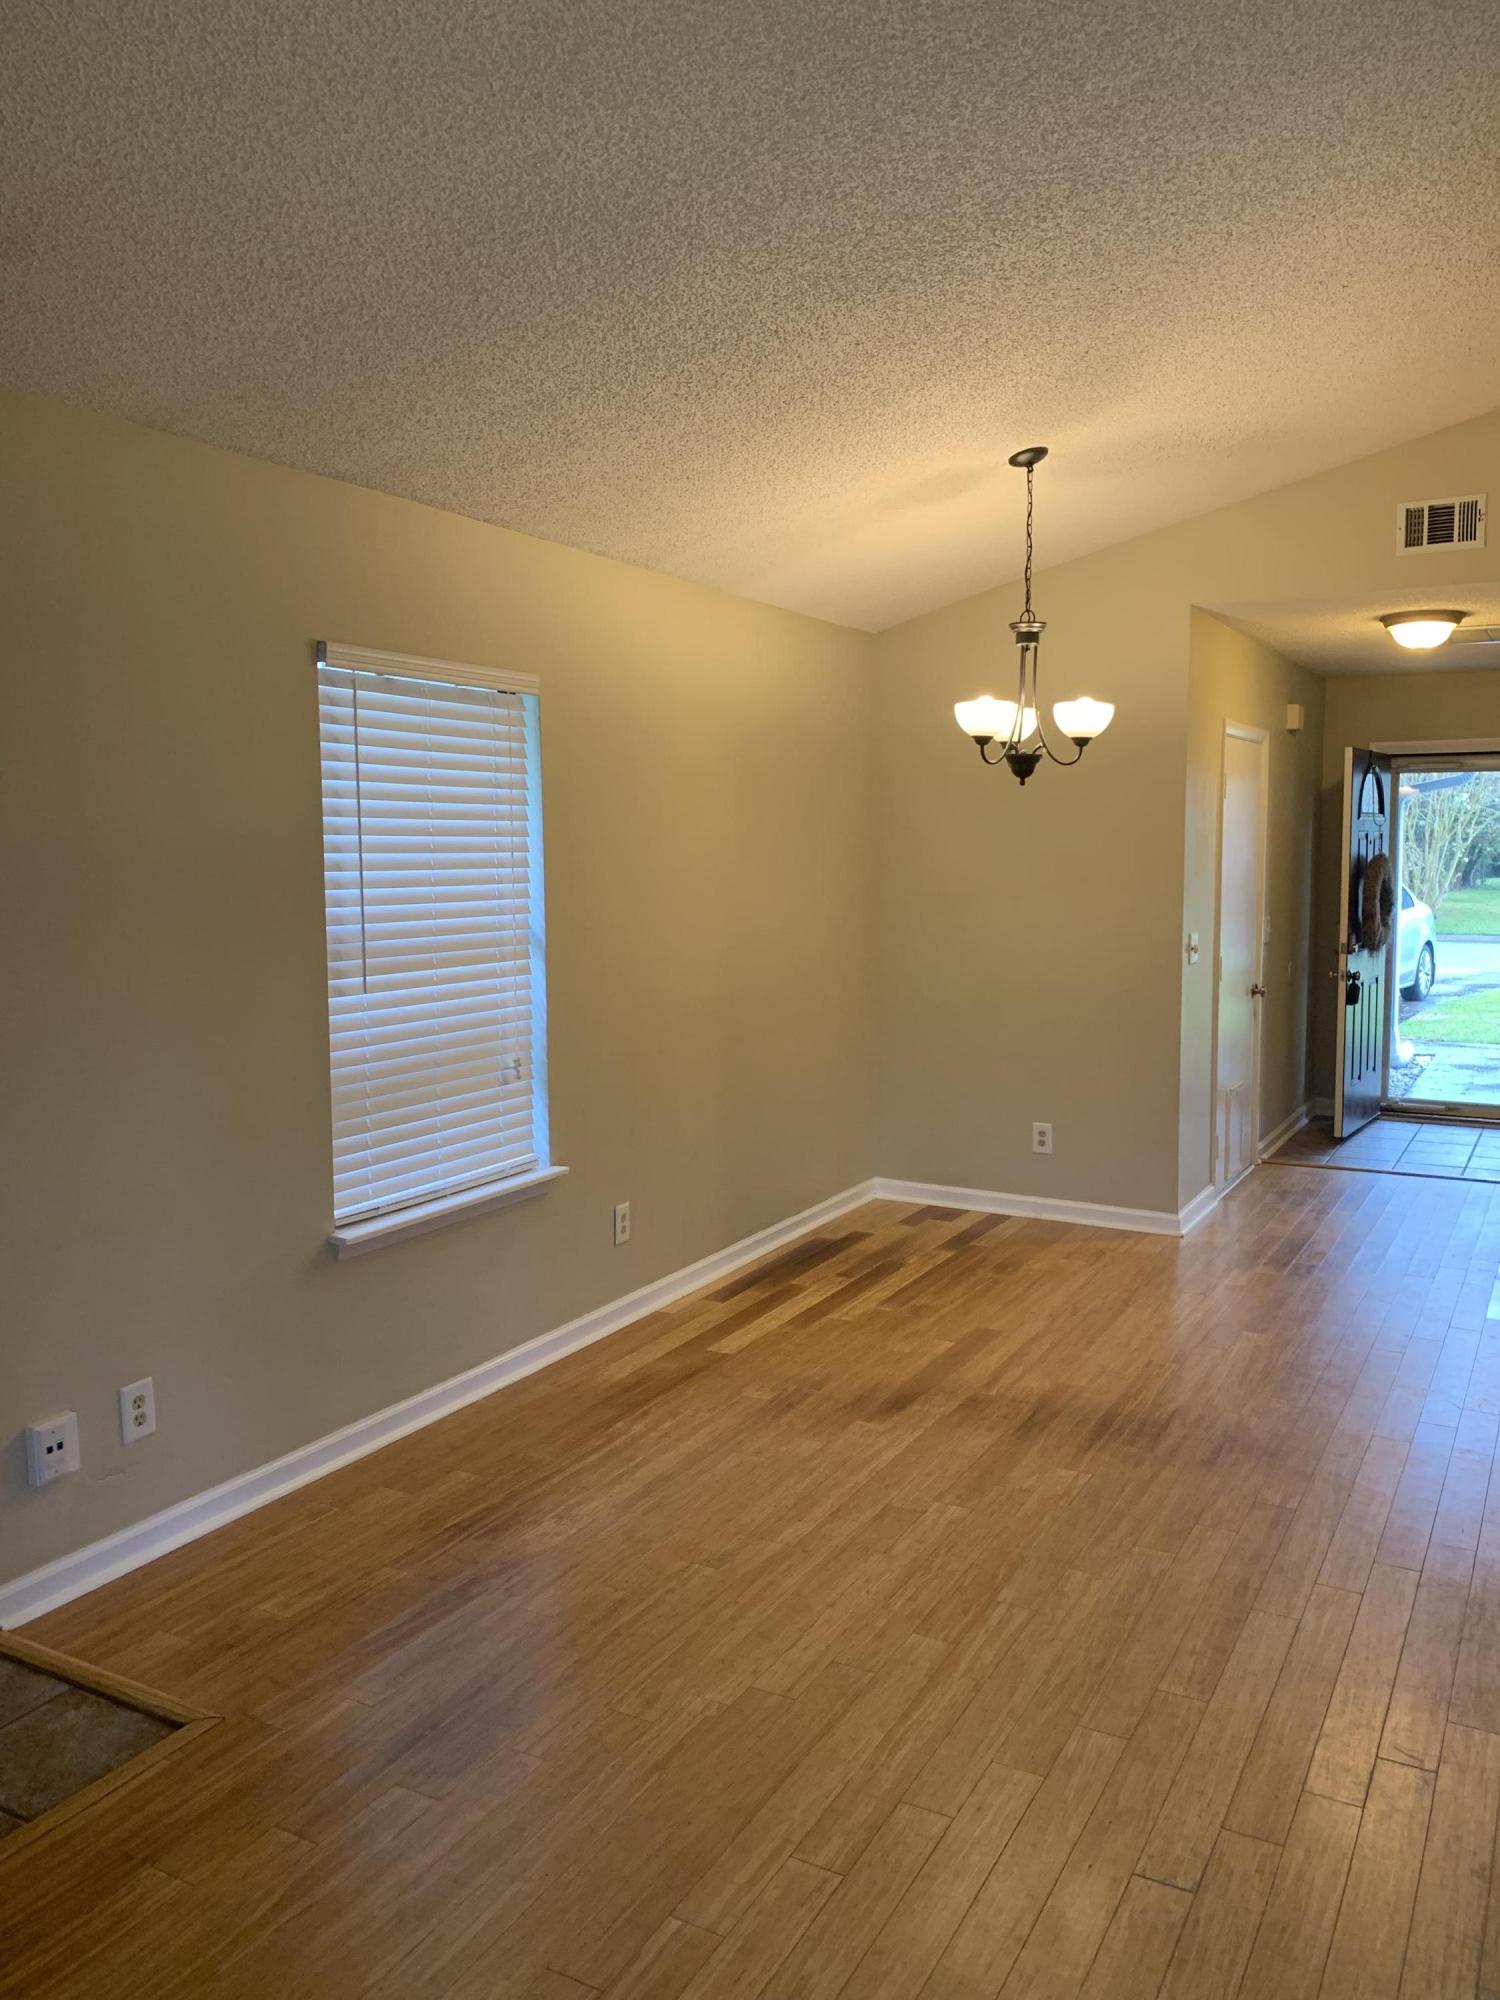 Willow Walk Homes For Sale - 1144 Oakcrest, Charleston, SC - 3